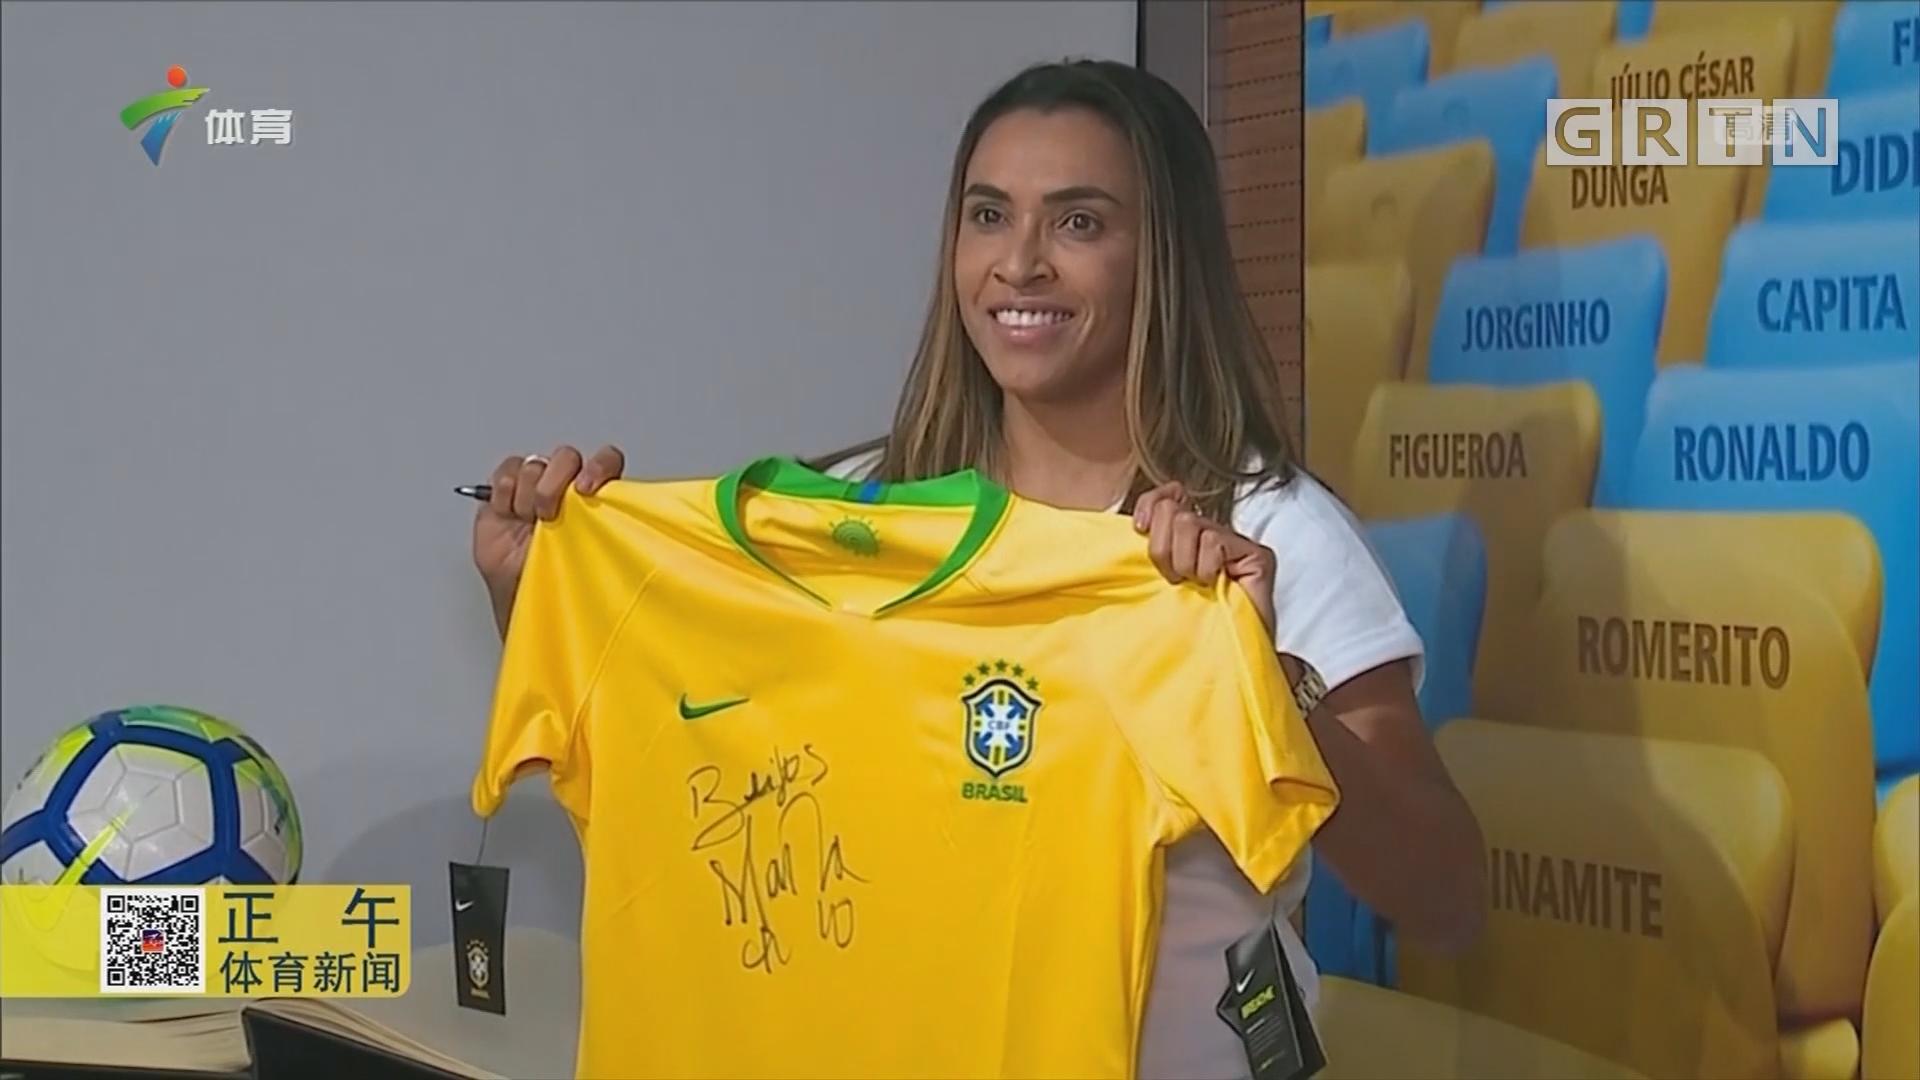 六度加冕世界足球小姐 玛塔再入马拉卡纳名人堂